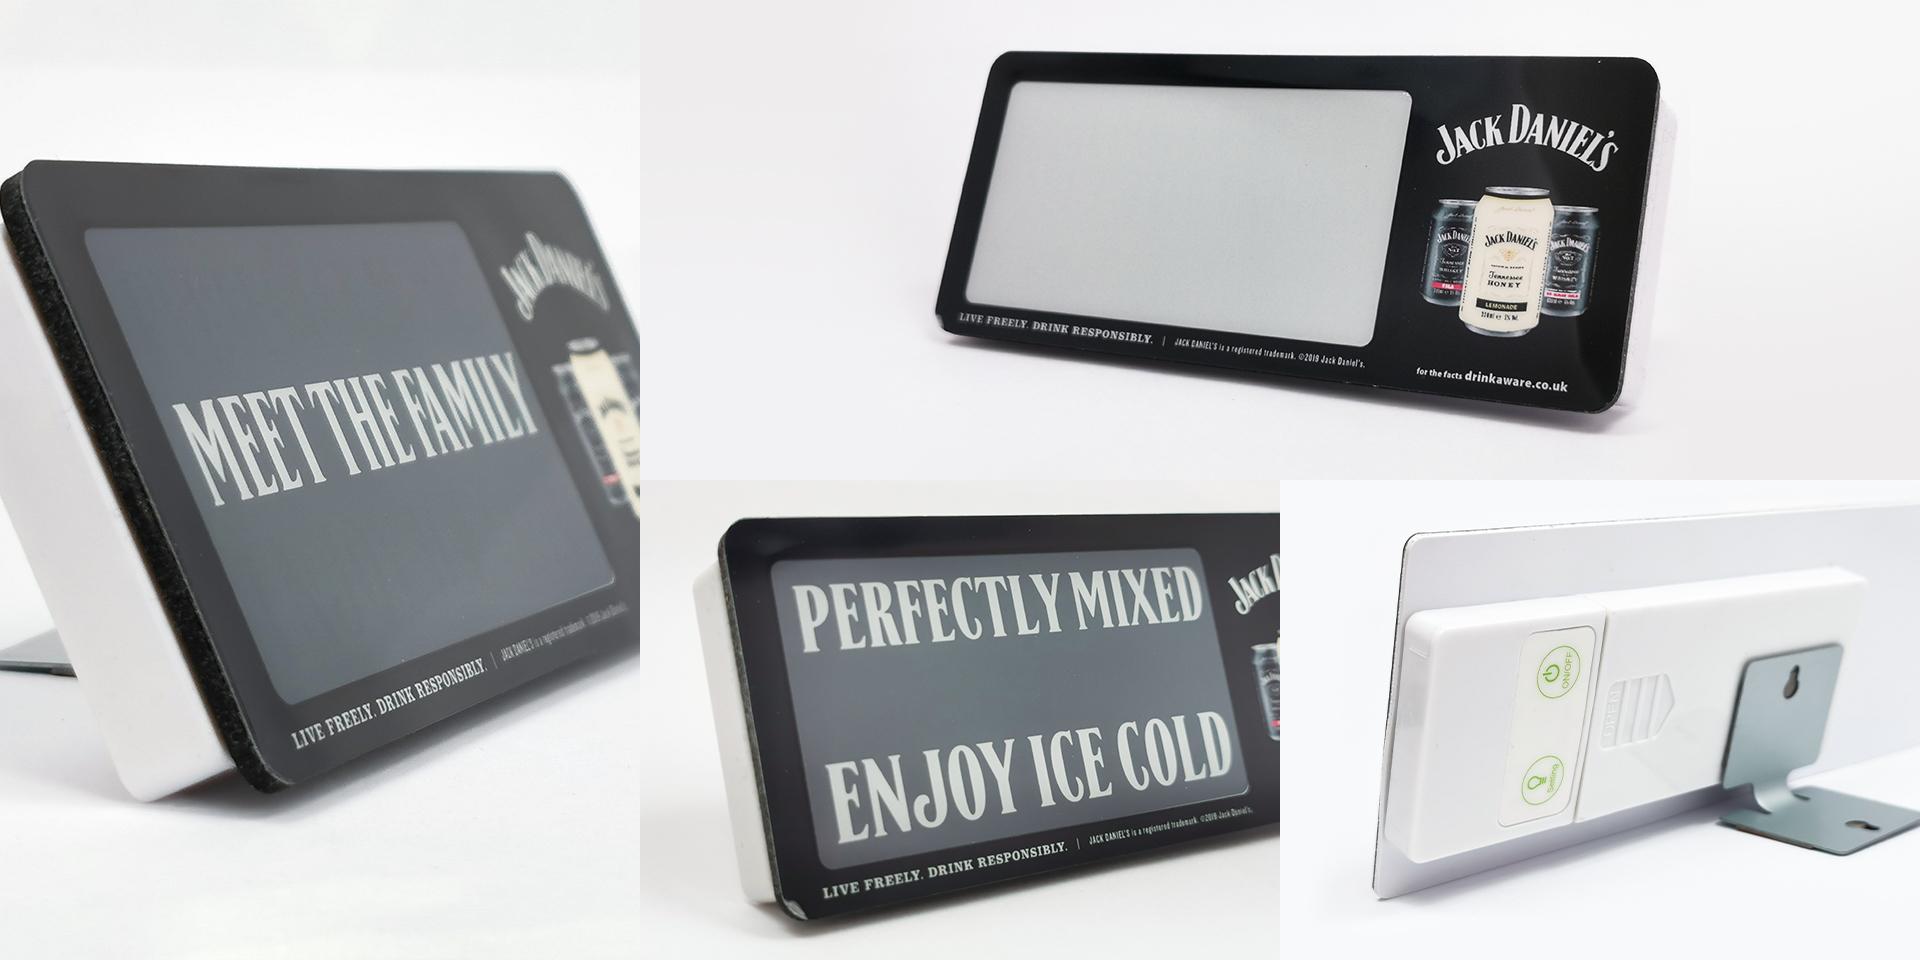 e-ink-Display – Zweyloeven Werbeproduktion GmbH